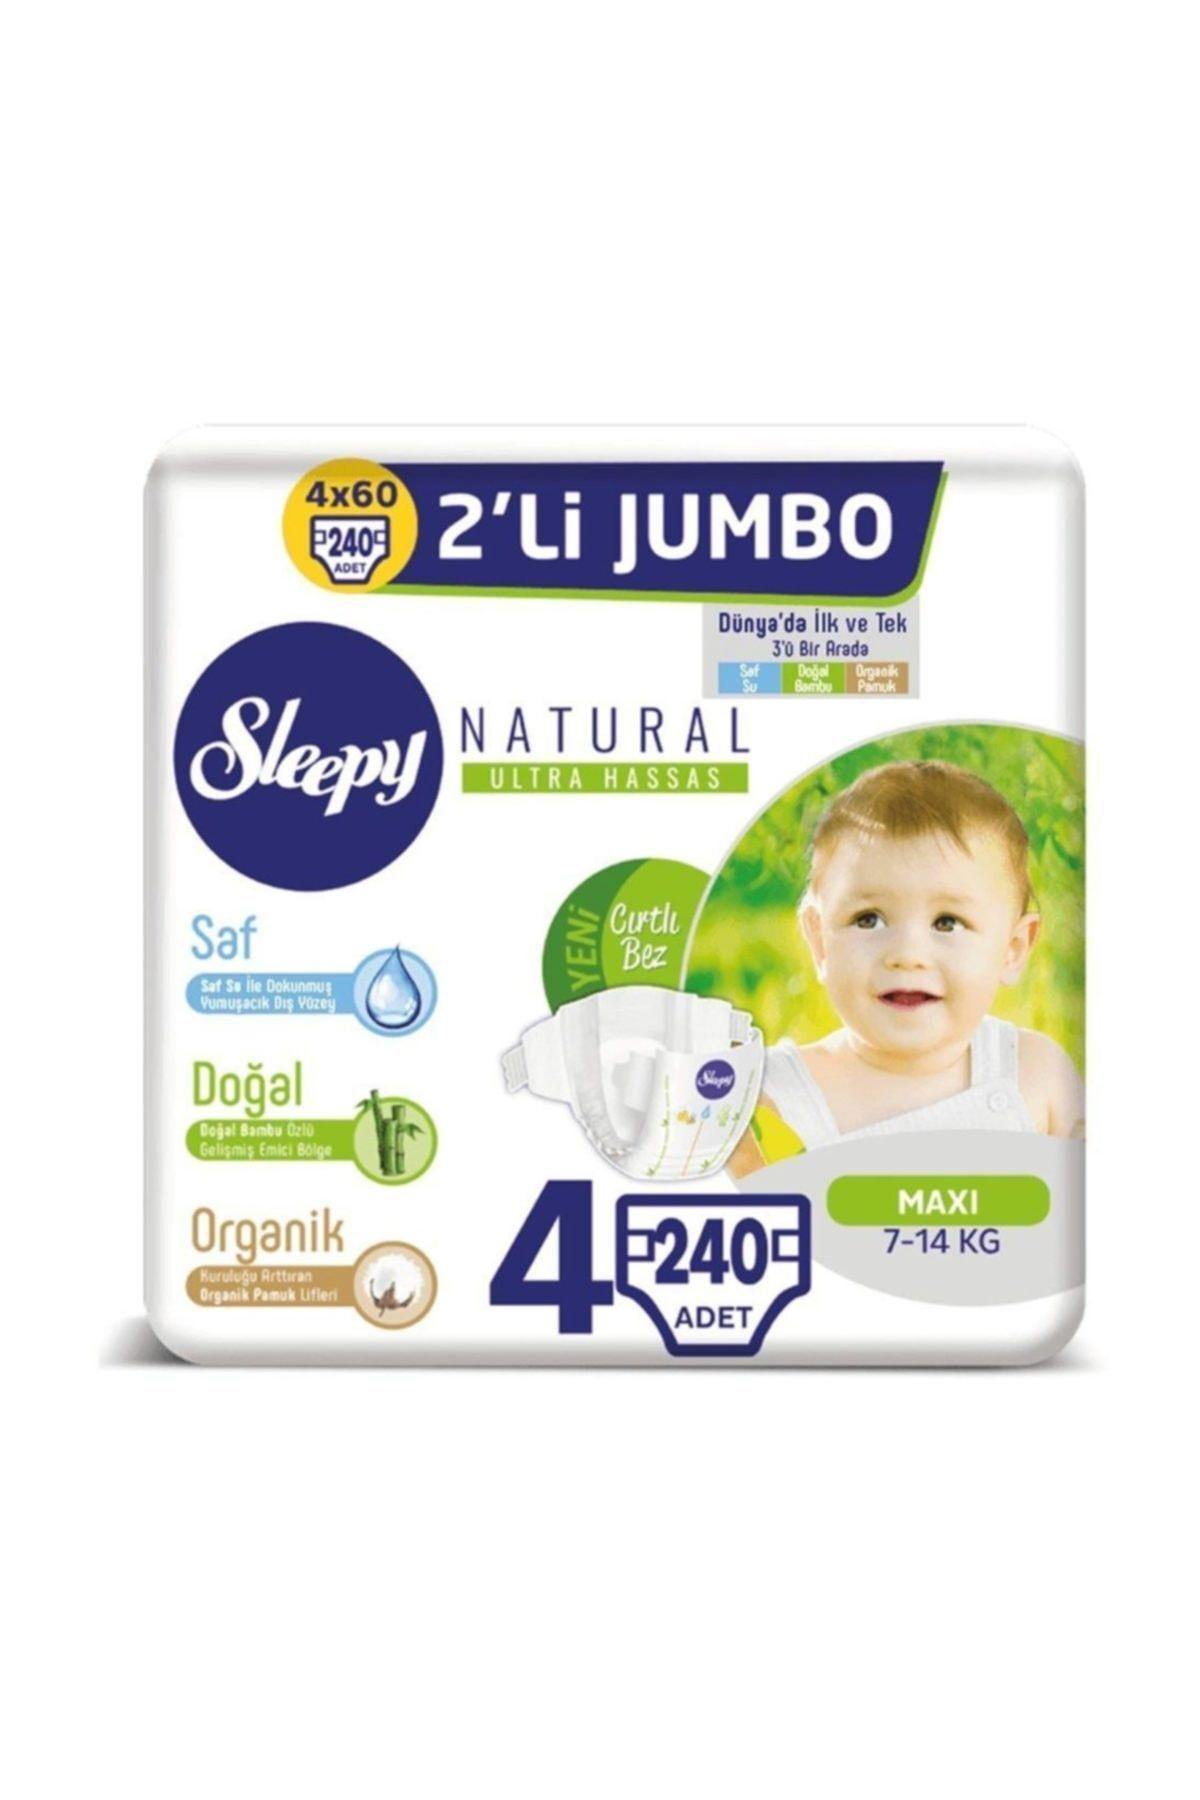 Sleepy Natural Bebek Bezi 4 Beden Maxi 4x2'li Jumbo 240 Adet 1